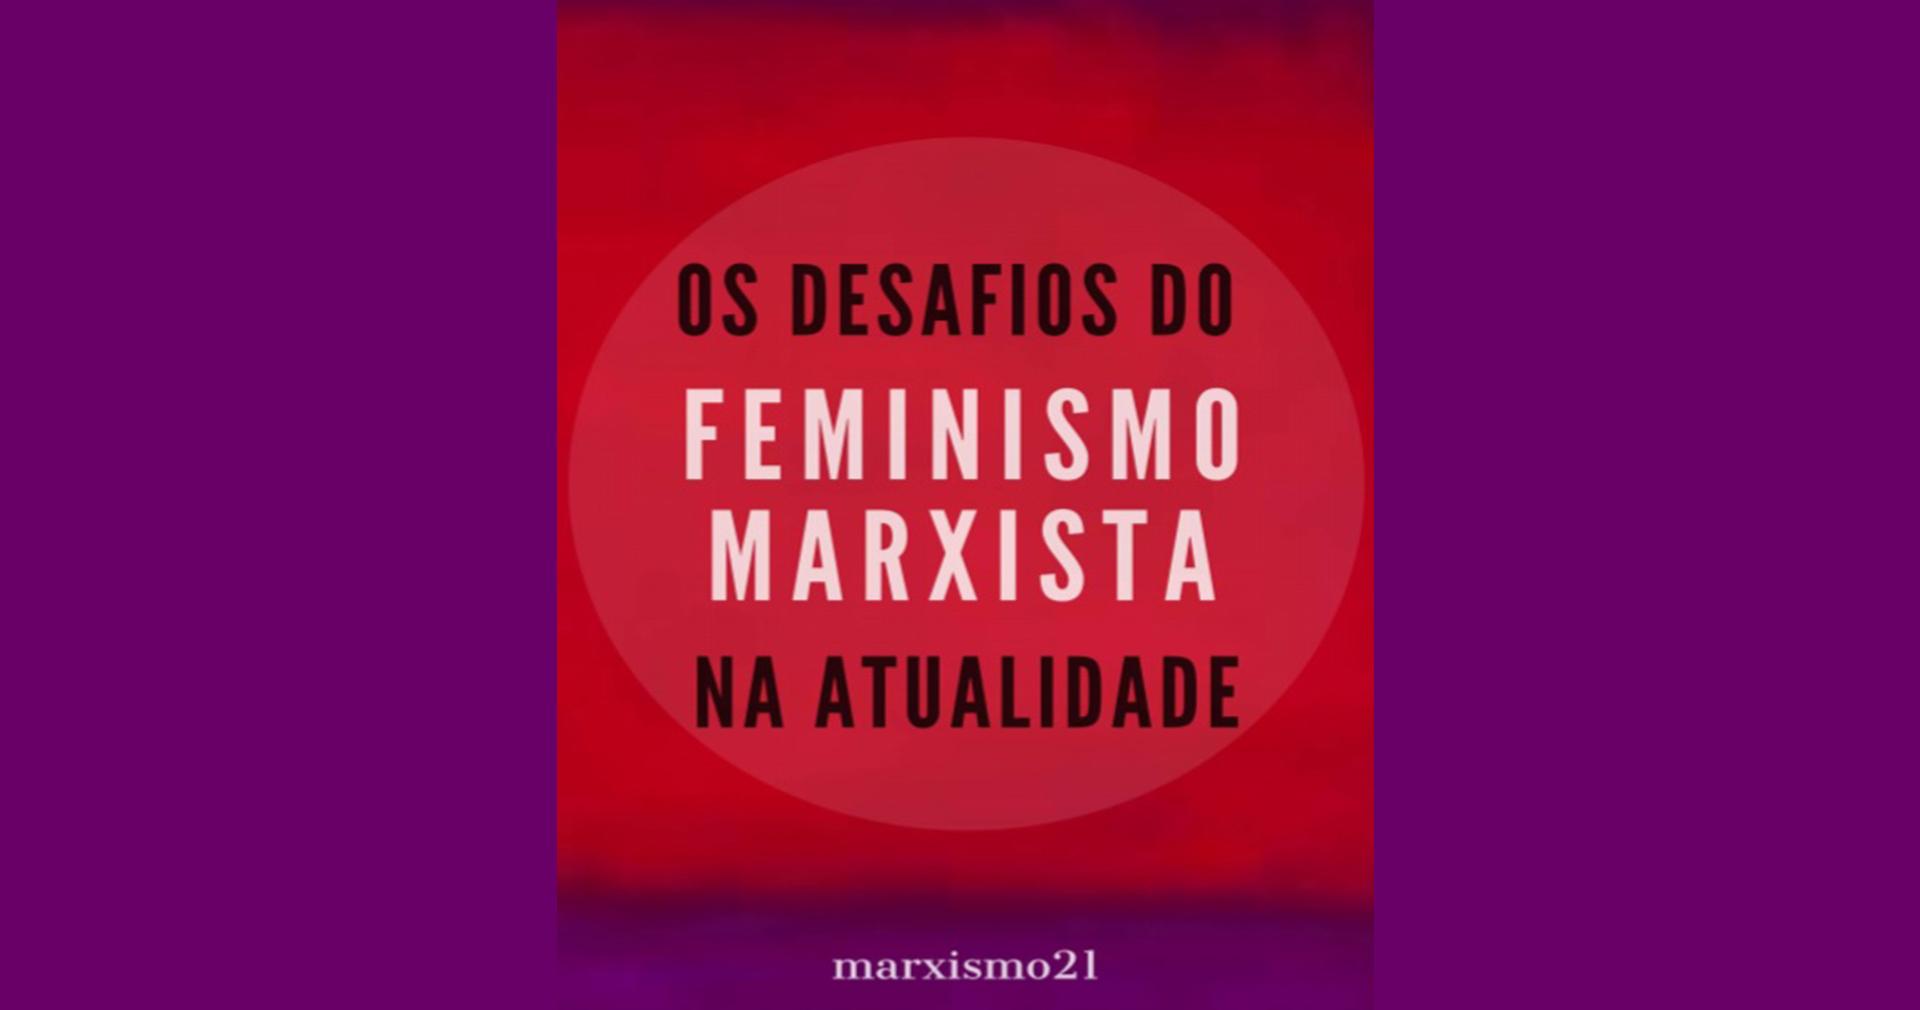 Os desafios do feminismo marxista na atualidade